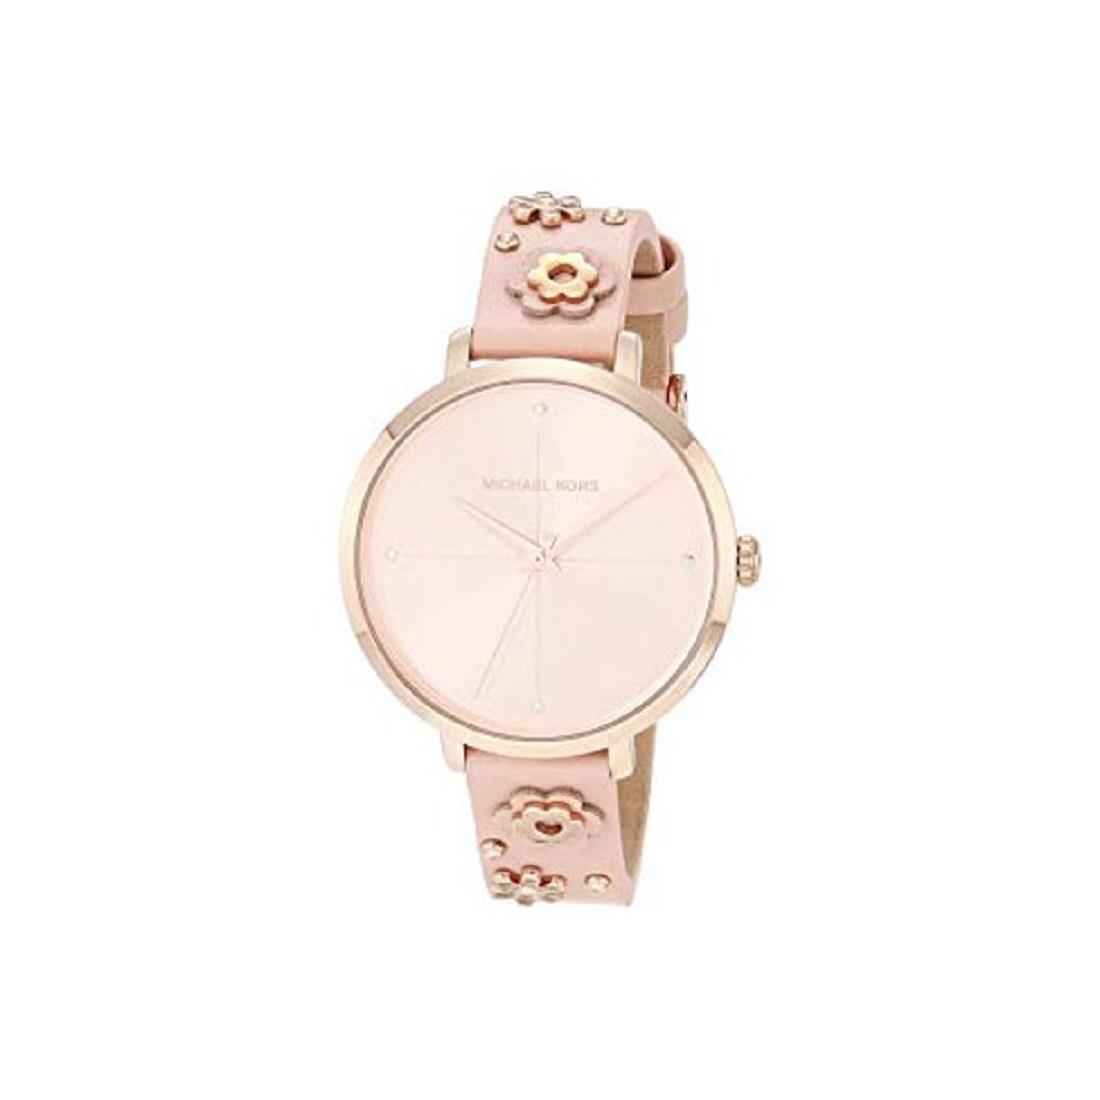 Reloj mujer caja 38mm - MICHAEL KORS